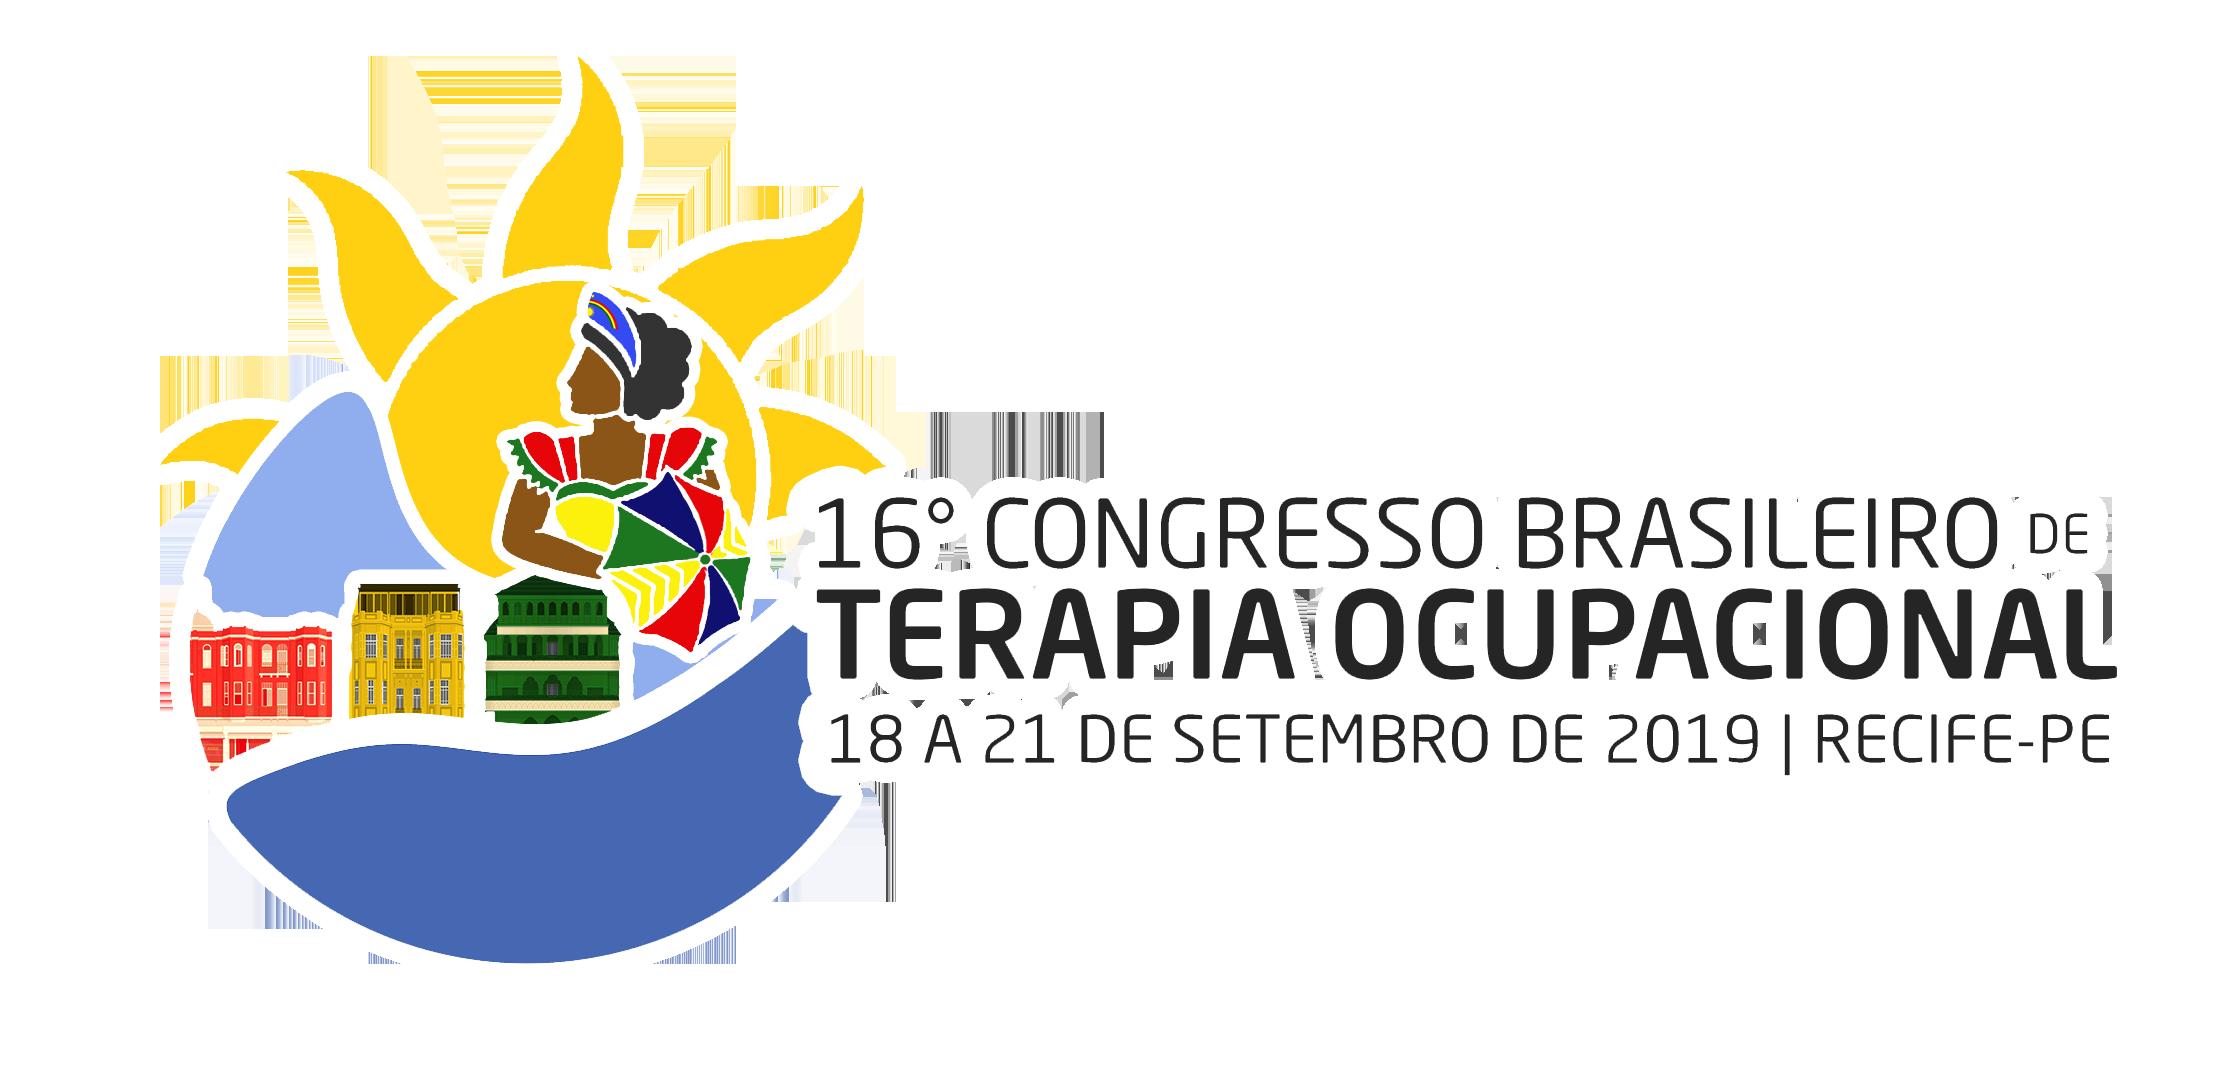 16º Congresso Brasileiro de Terapia Ocupacional